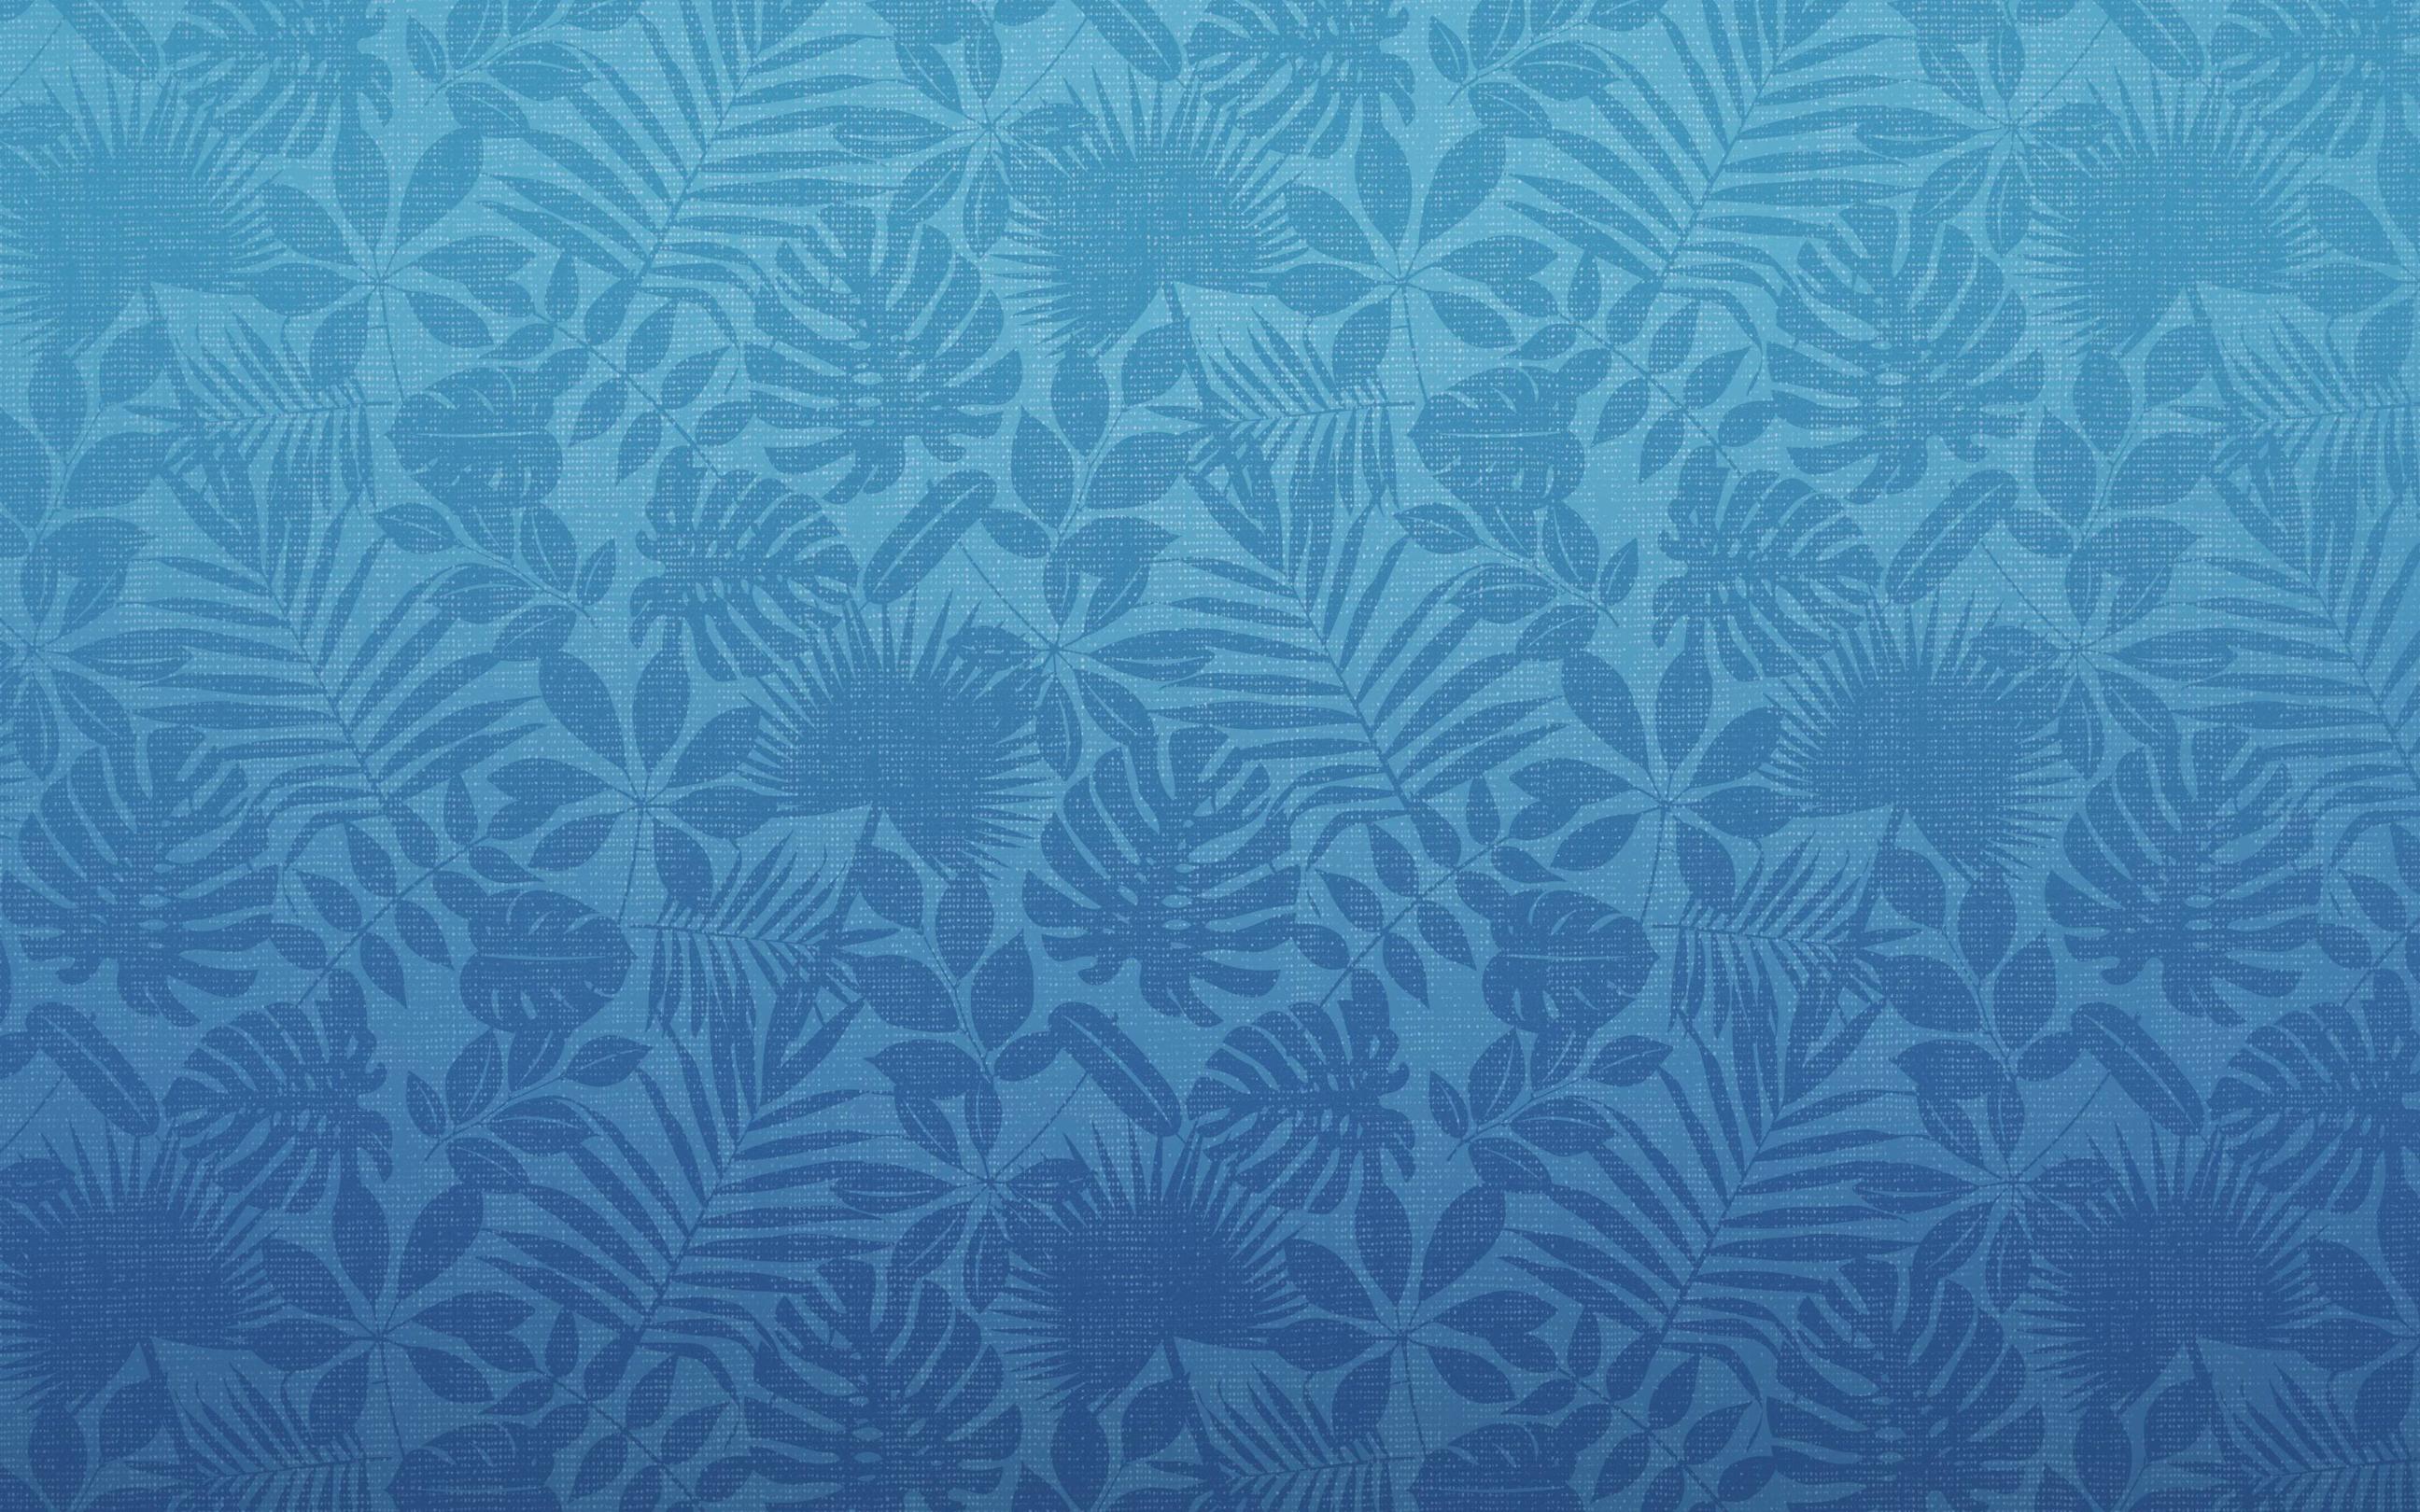 Res: 2592x1620, Hawaiian print